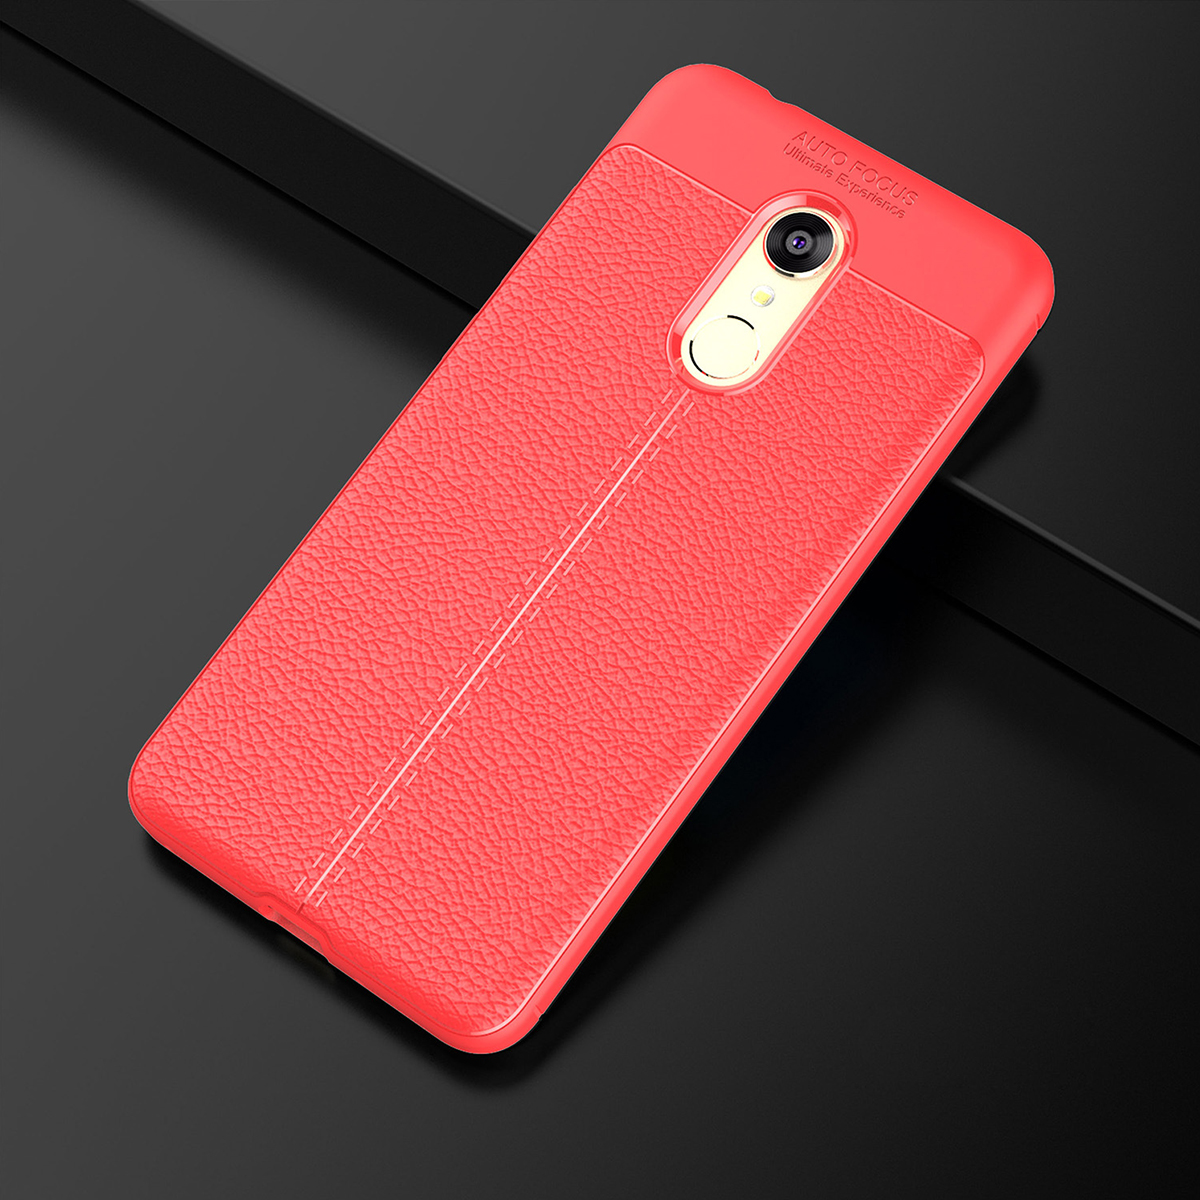 low priced 46cec c7a1f Xiaomi Redmi 5A Redmi 5 Plus Redmi S2 Mi Mix 2S TPU Leather Soft Case Cover